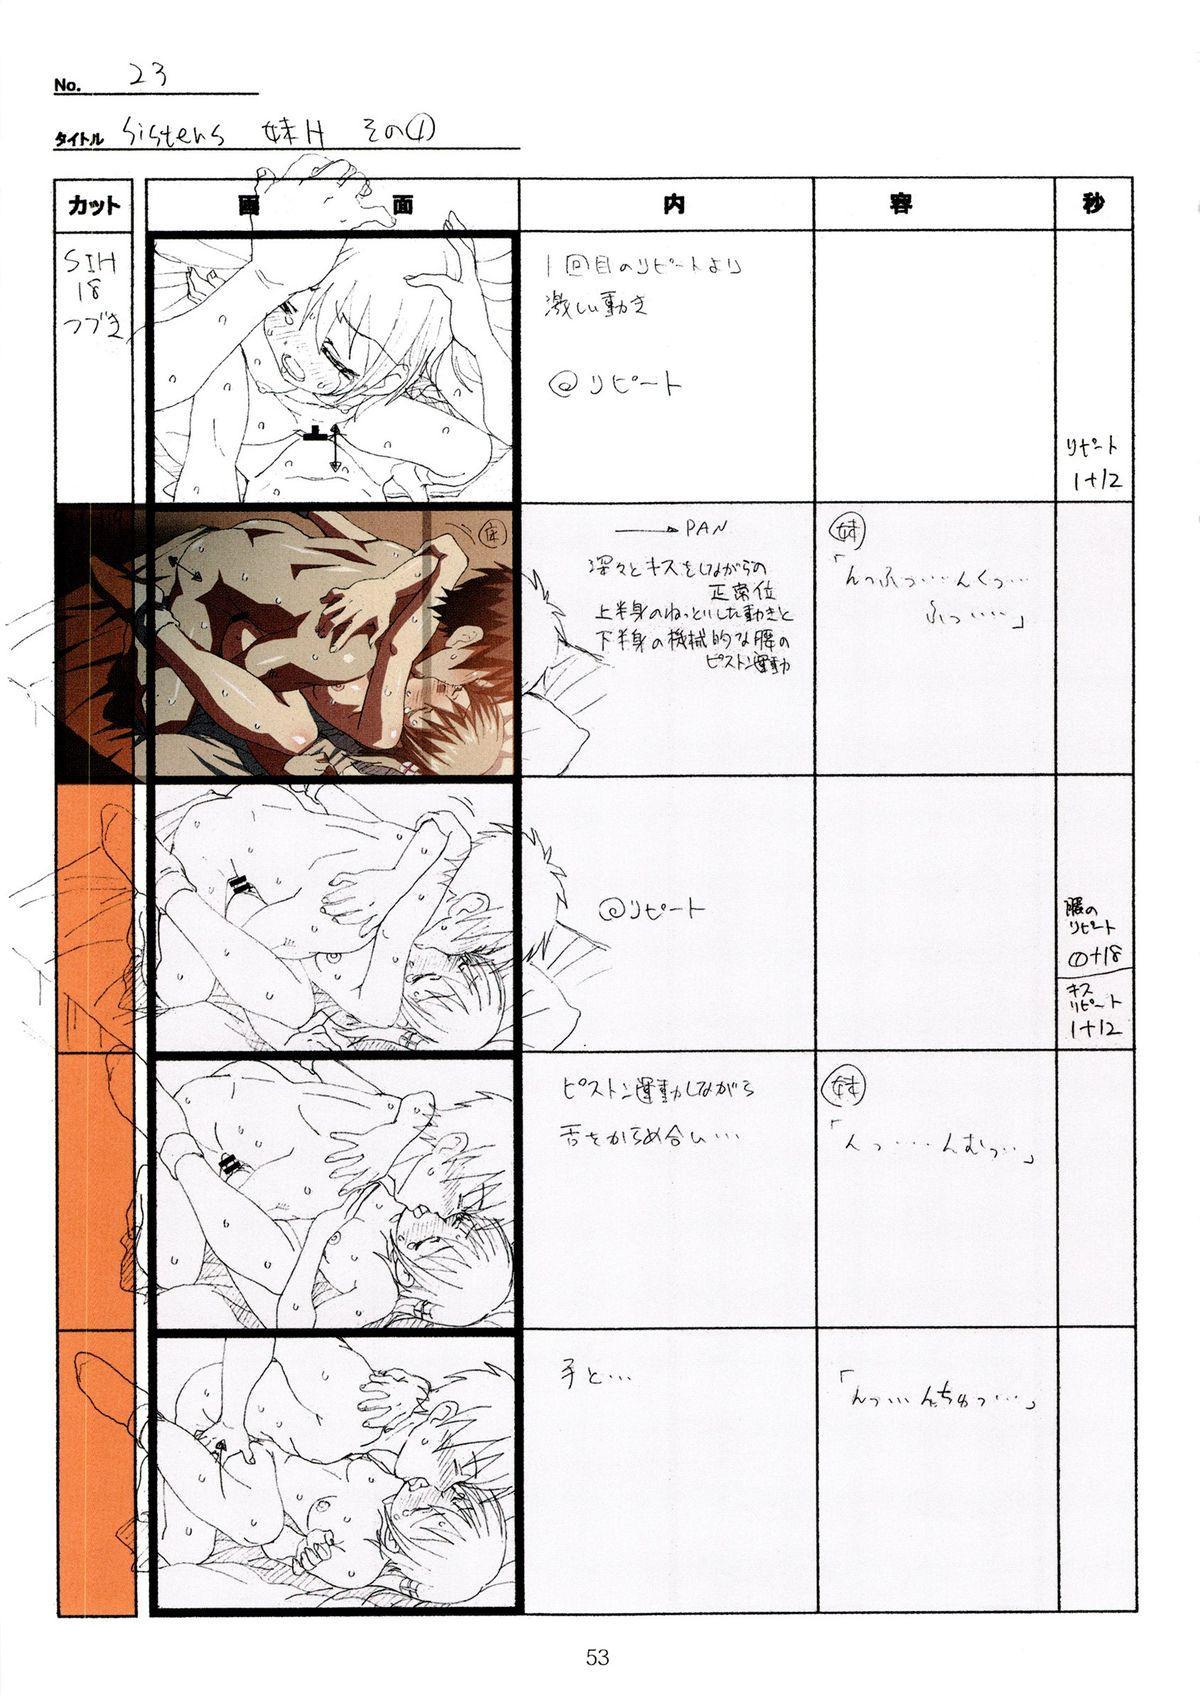 (C89) [Makino Jimusho (Taki Minashika)] SISTERS -Natsu no Saigo no Hi- H Scene All Part Storyboard (SISTERS -Natsu no Saigo no Hi-) 52